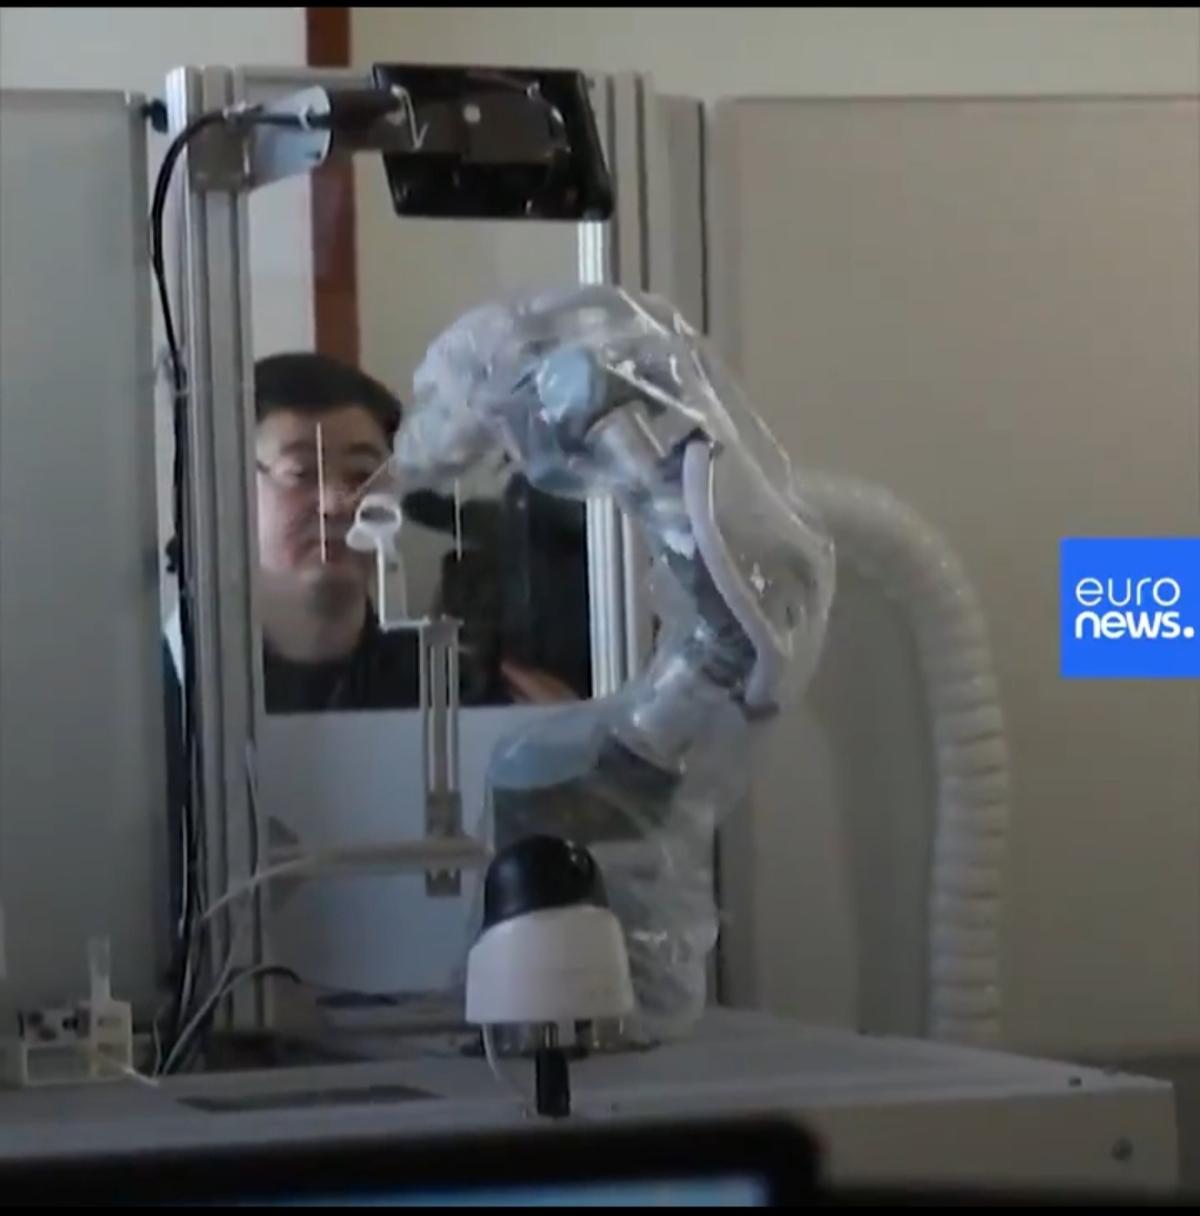 چین؛ ربات نمونهگیر برای تست کرونا هم رسید + ویدئو